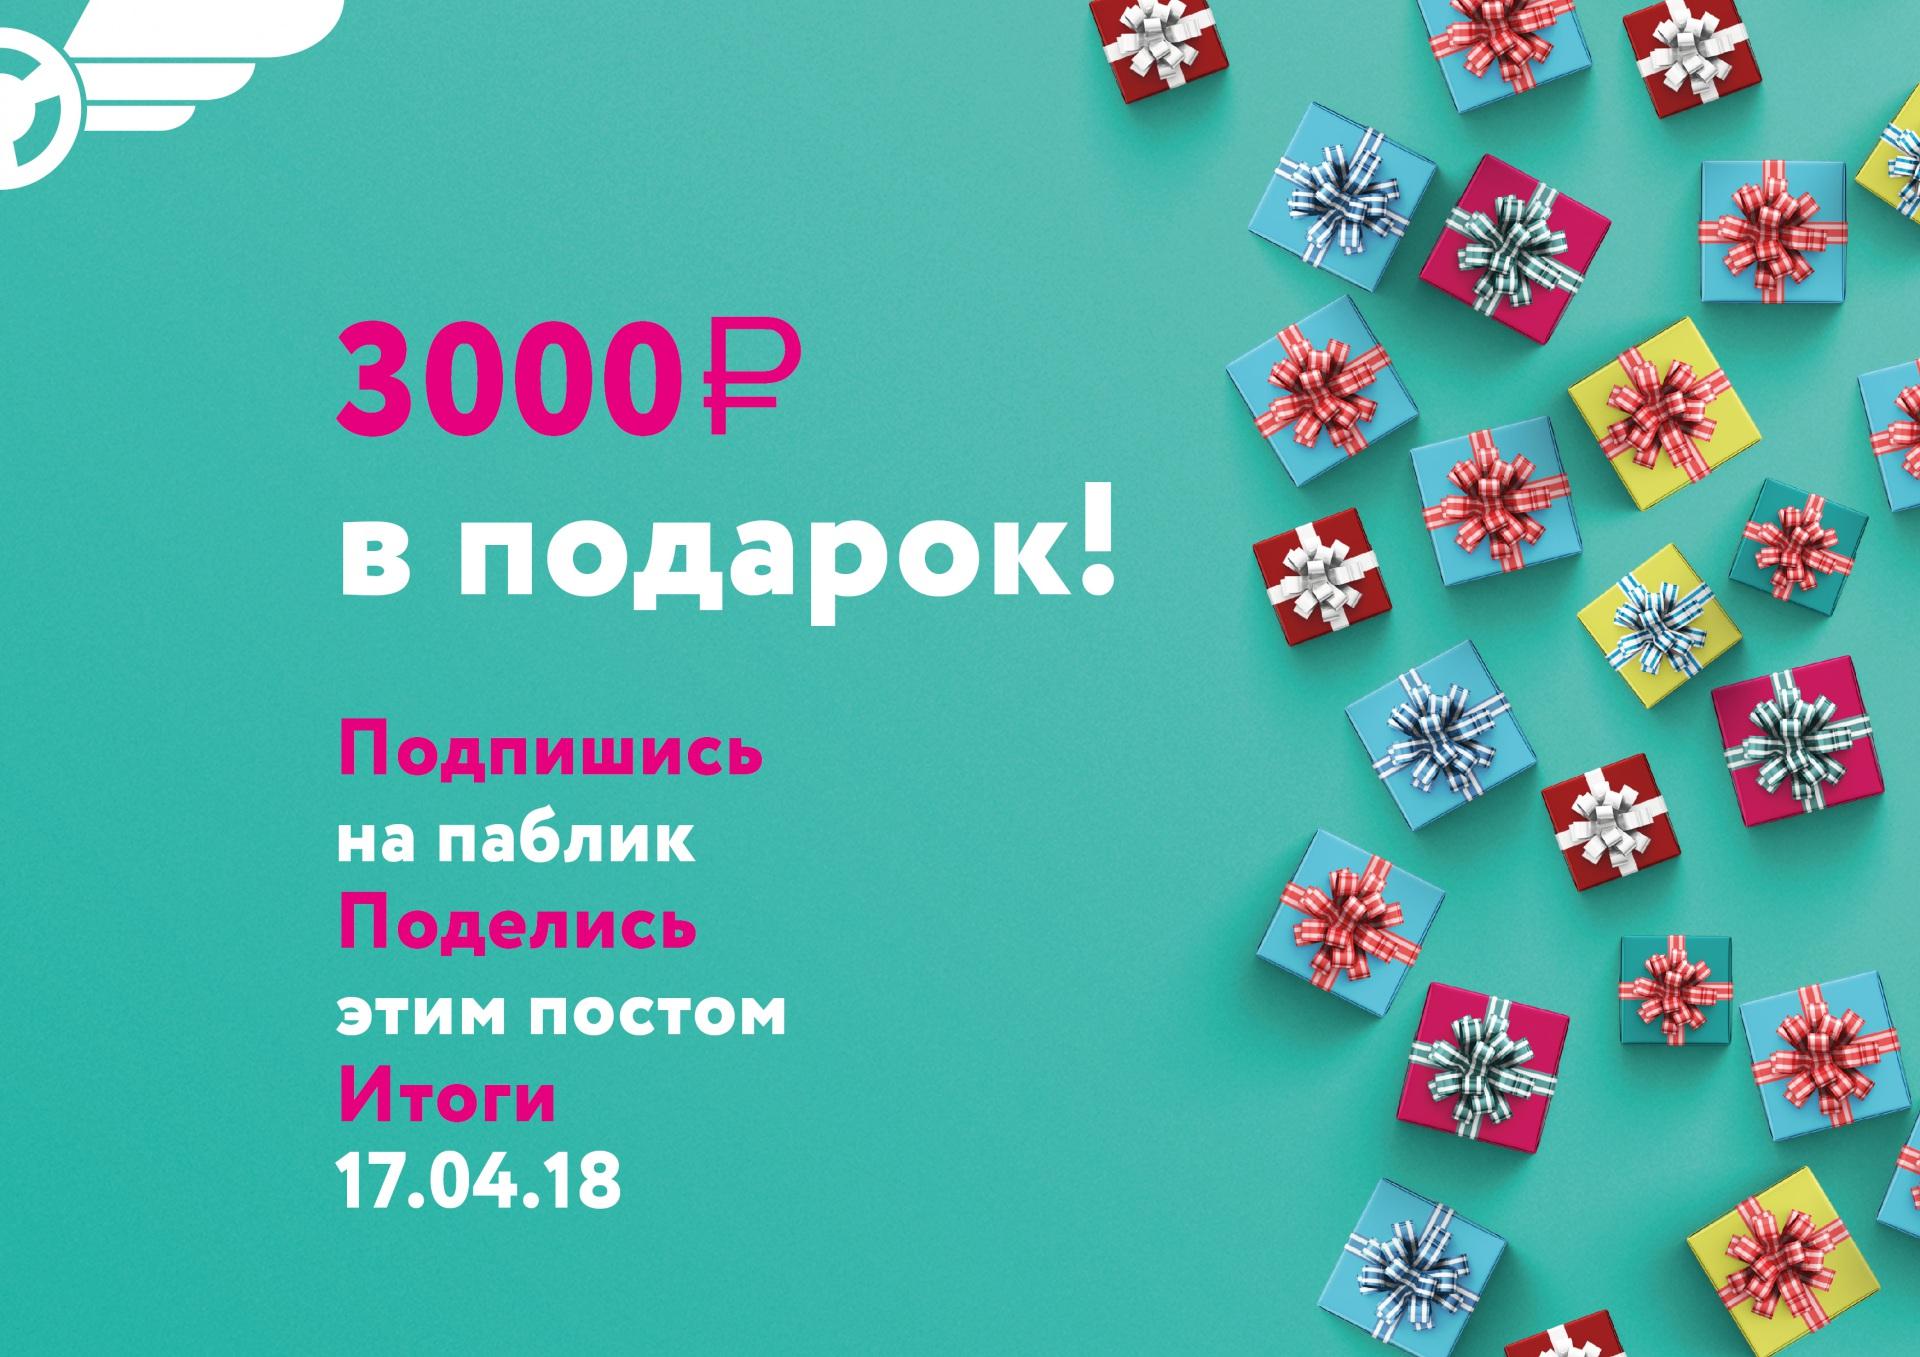 Post_Rozygyrsch-3000-rublei-01.jpg